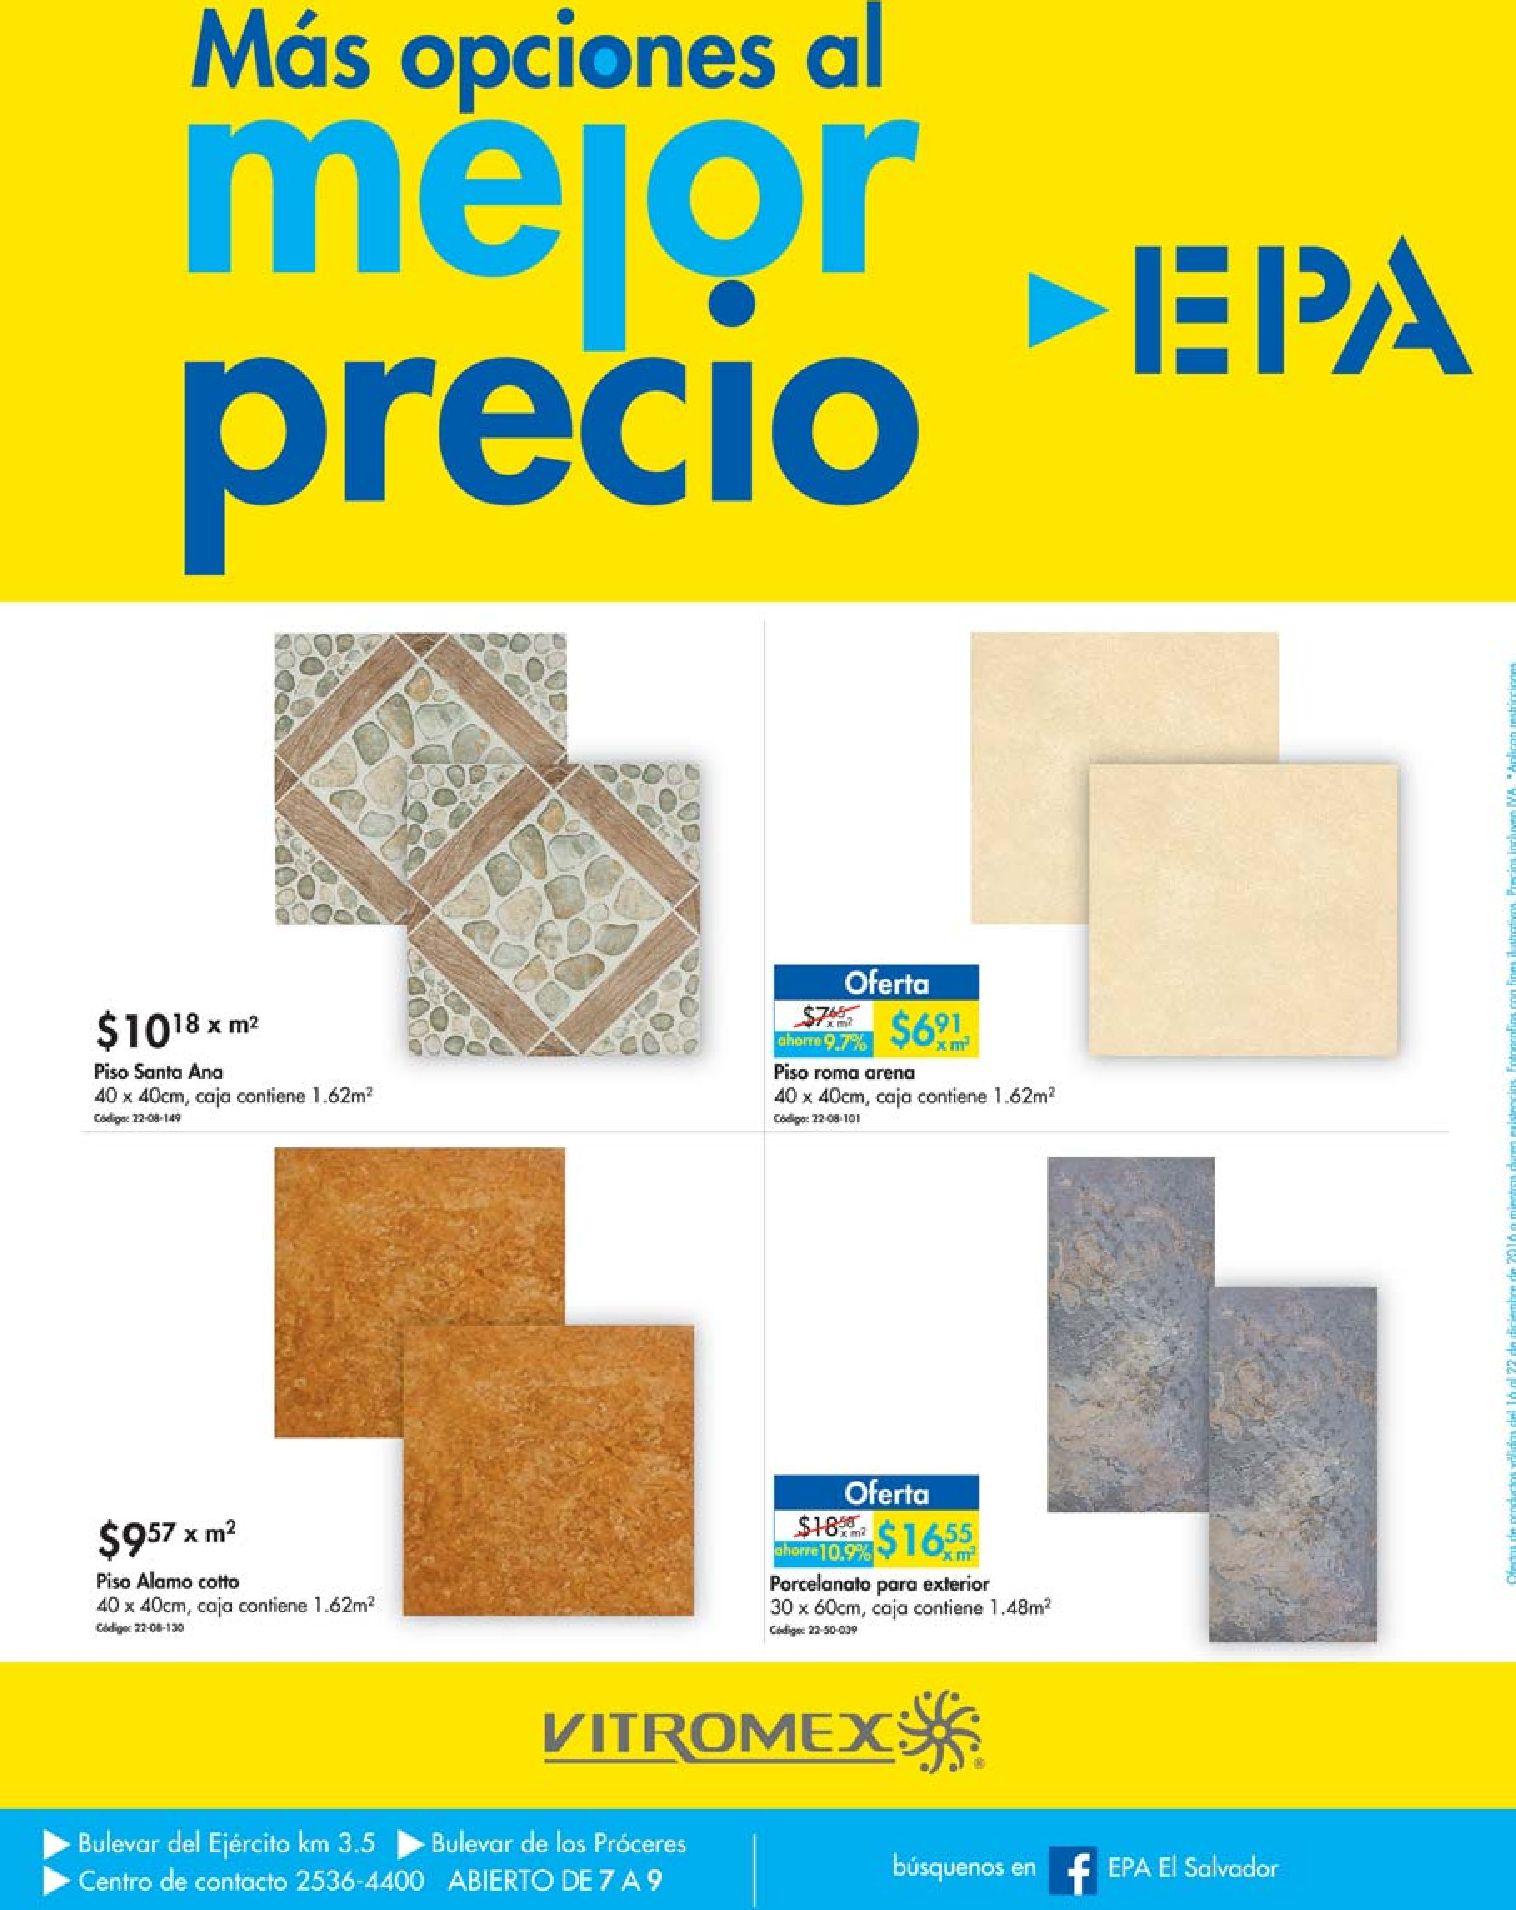 Promociones y ofertas epa el salvador for Pisos ceramicos en oferta